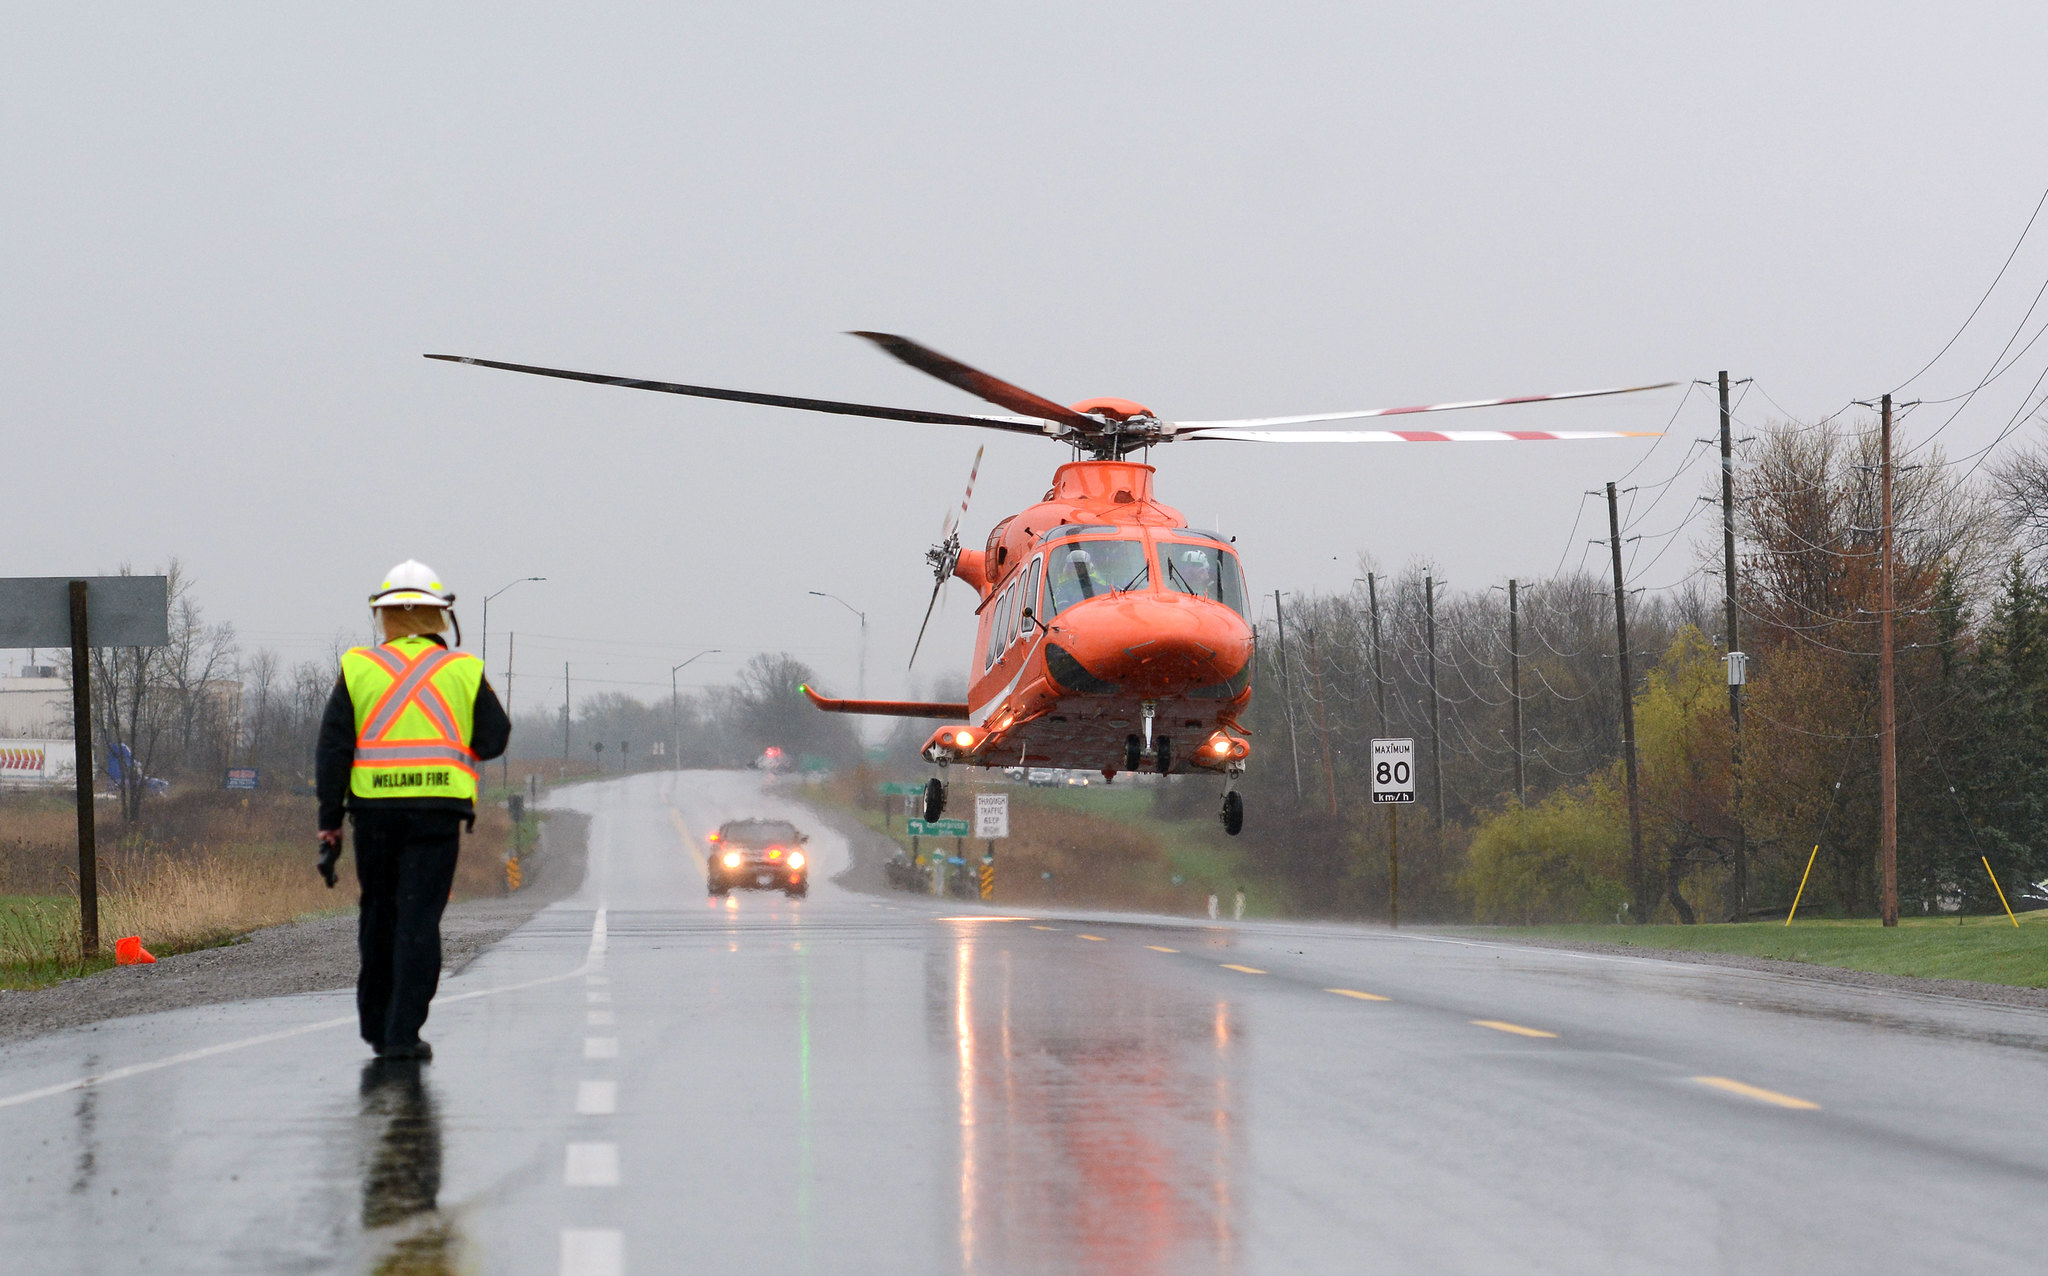 Hwy 140-Buchner Rd. crash